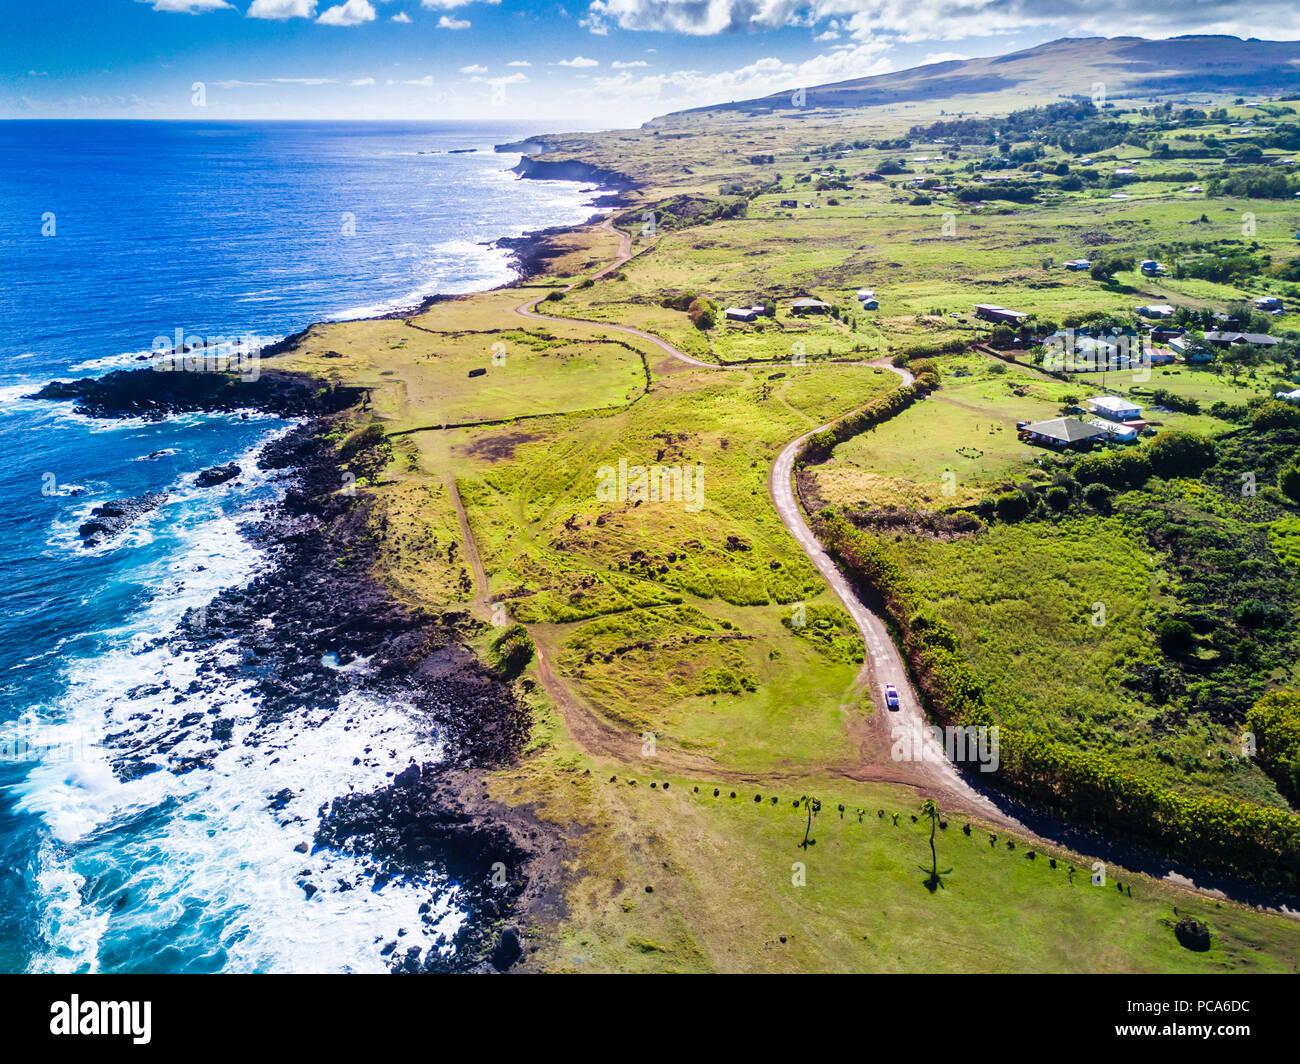 Ein Luftbild im Norden an der Westküste der Insel auf seiner Stadt Hanga Roa anzeigen eine wunderbare Küste, Rapa Nui, Chile Stockbild